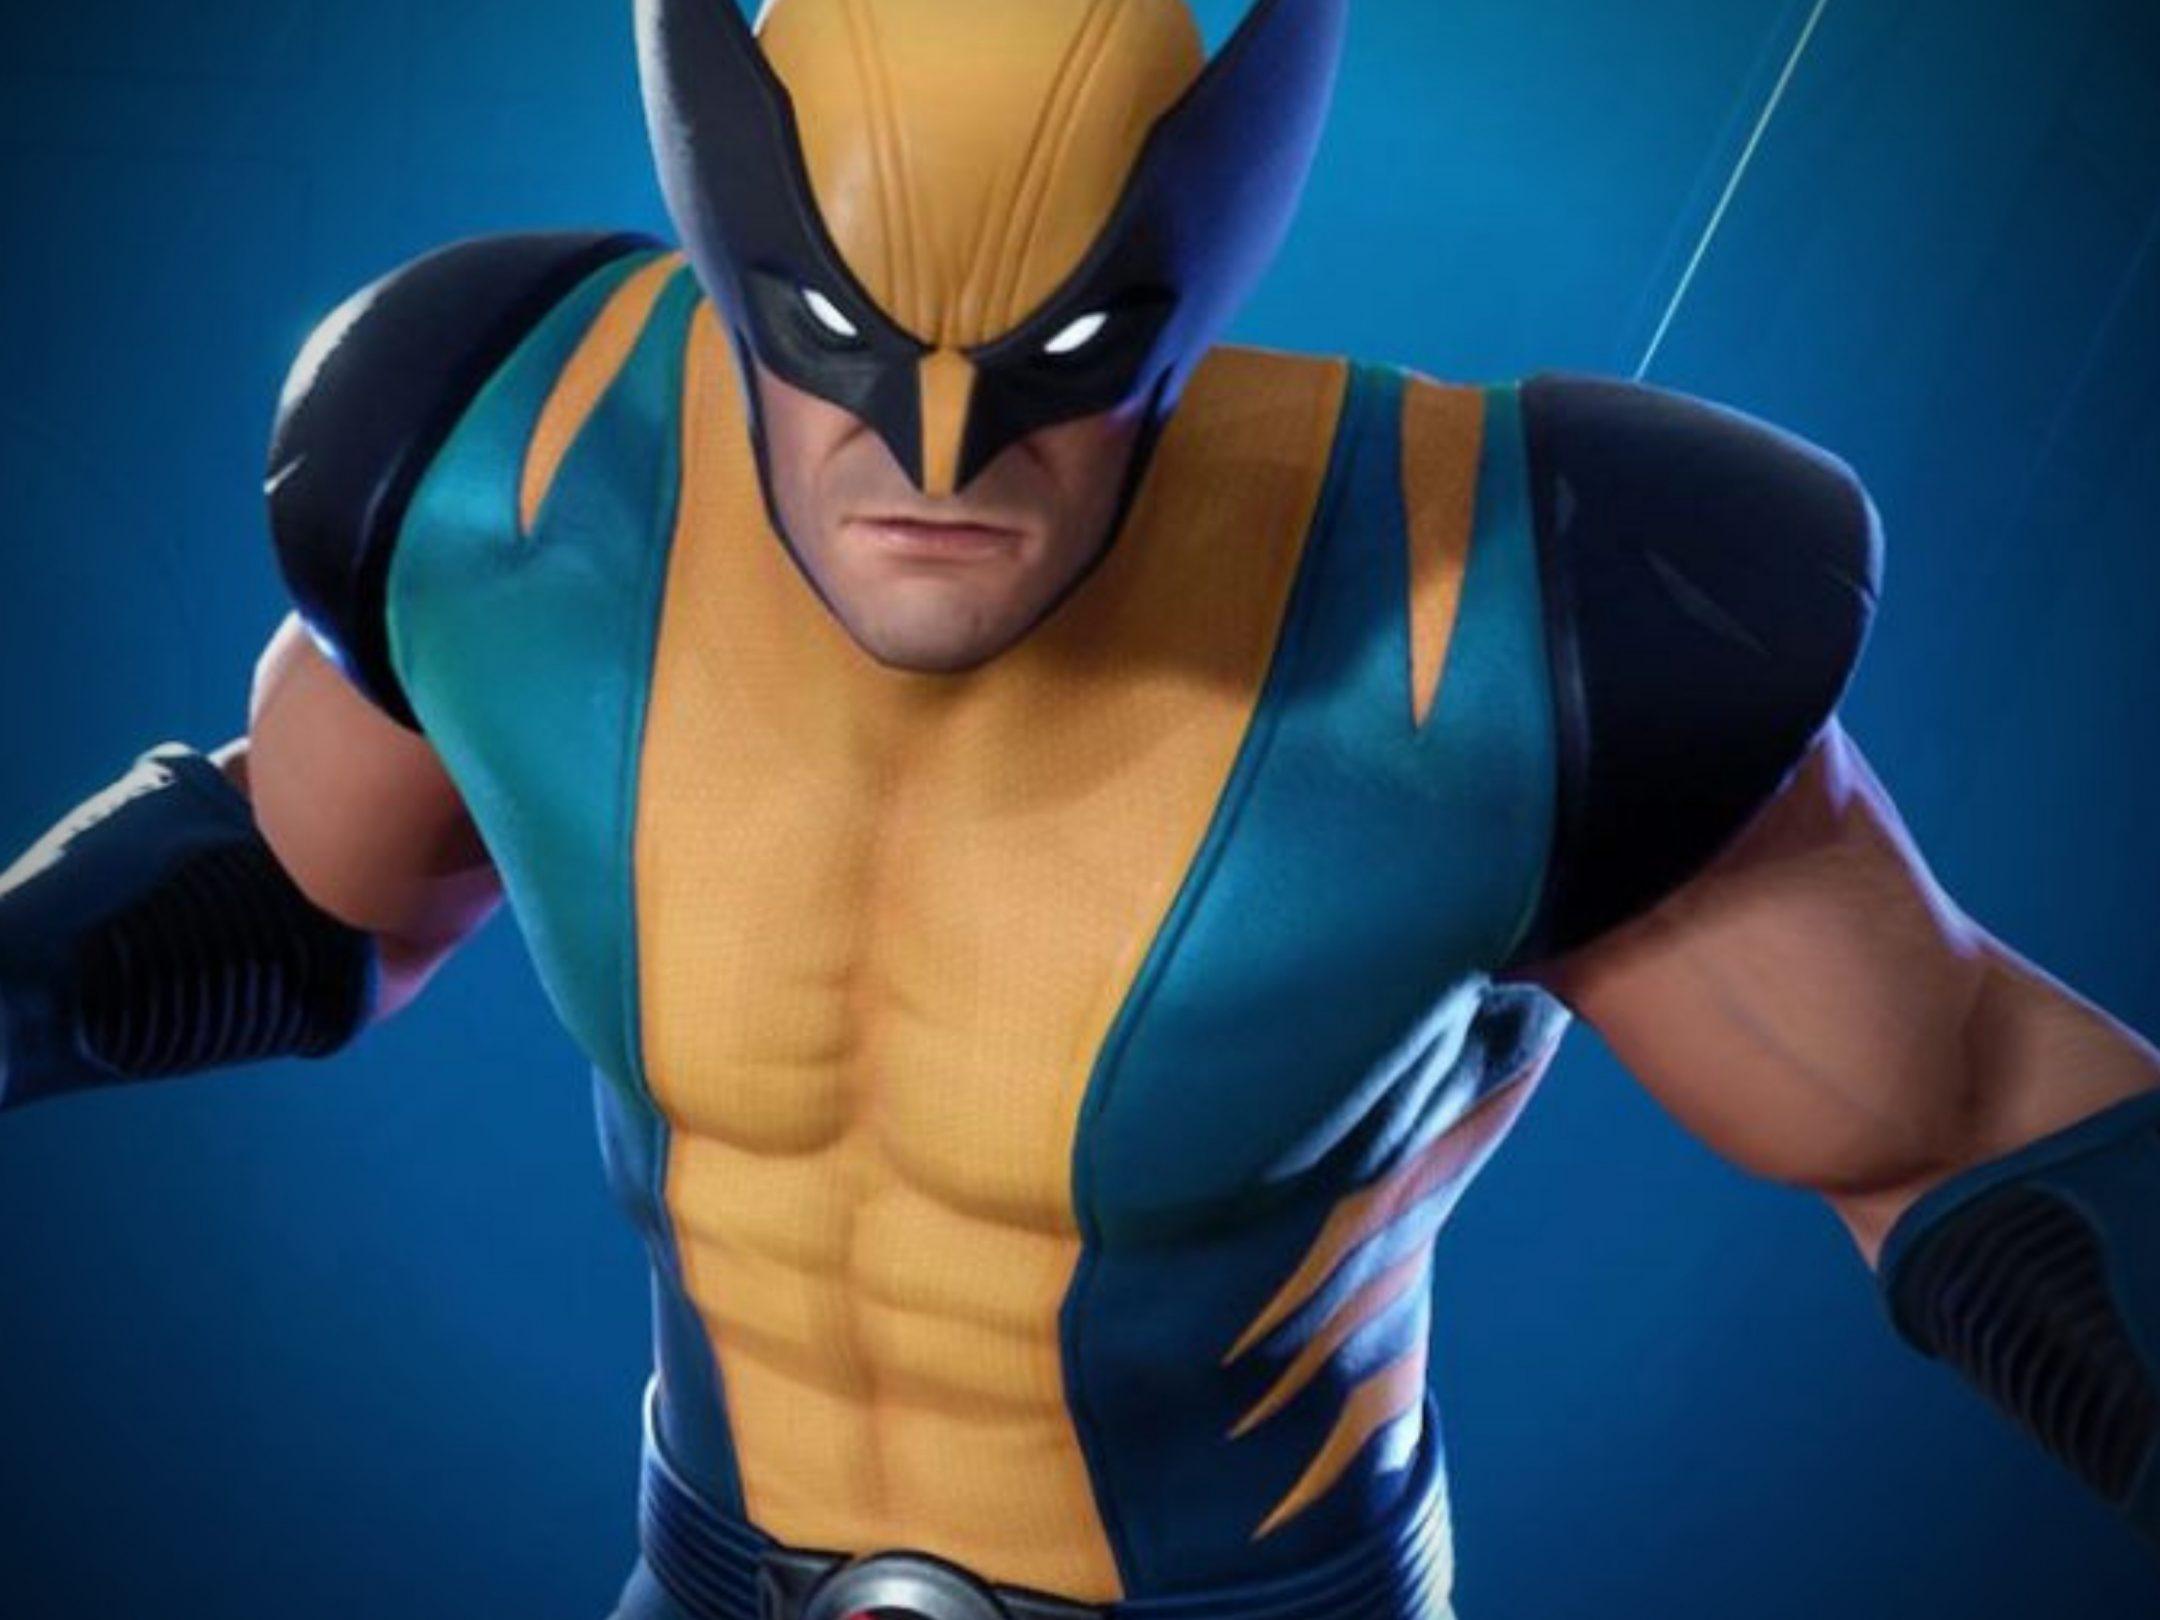 2160x1620 iPad wallpaper 4k Wolverine Marvel iPad Wallpaper 2160x1620 pixels resolution